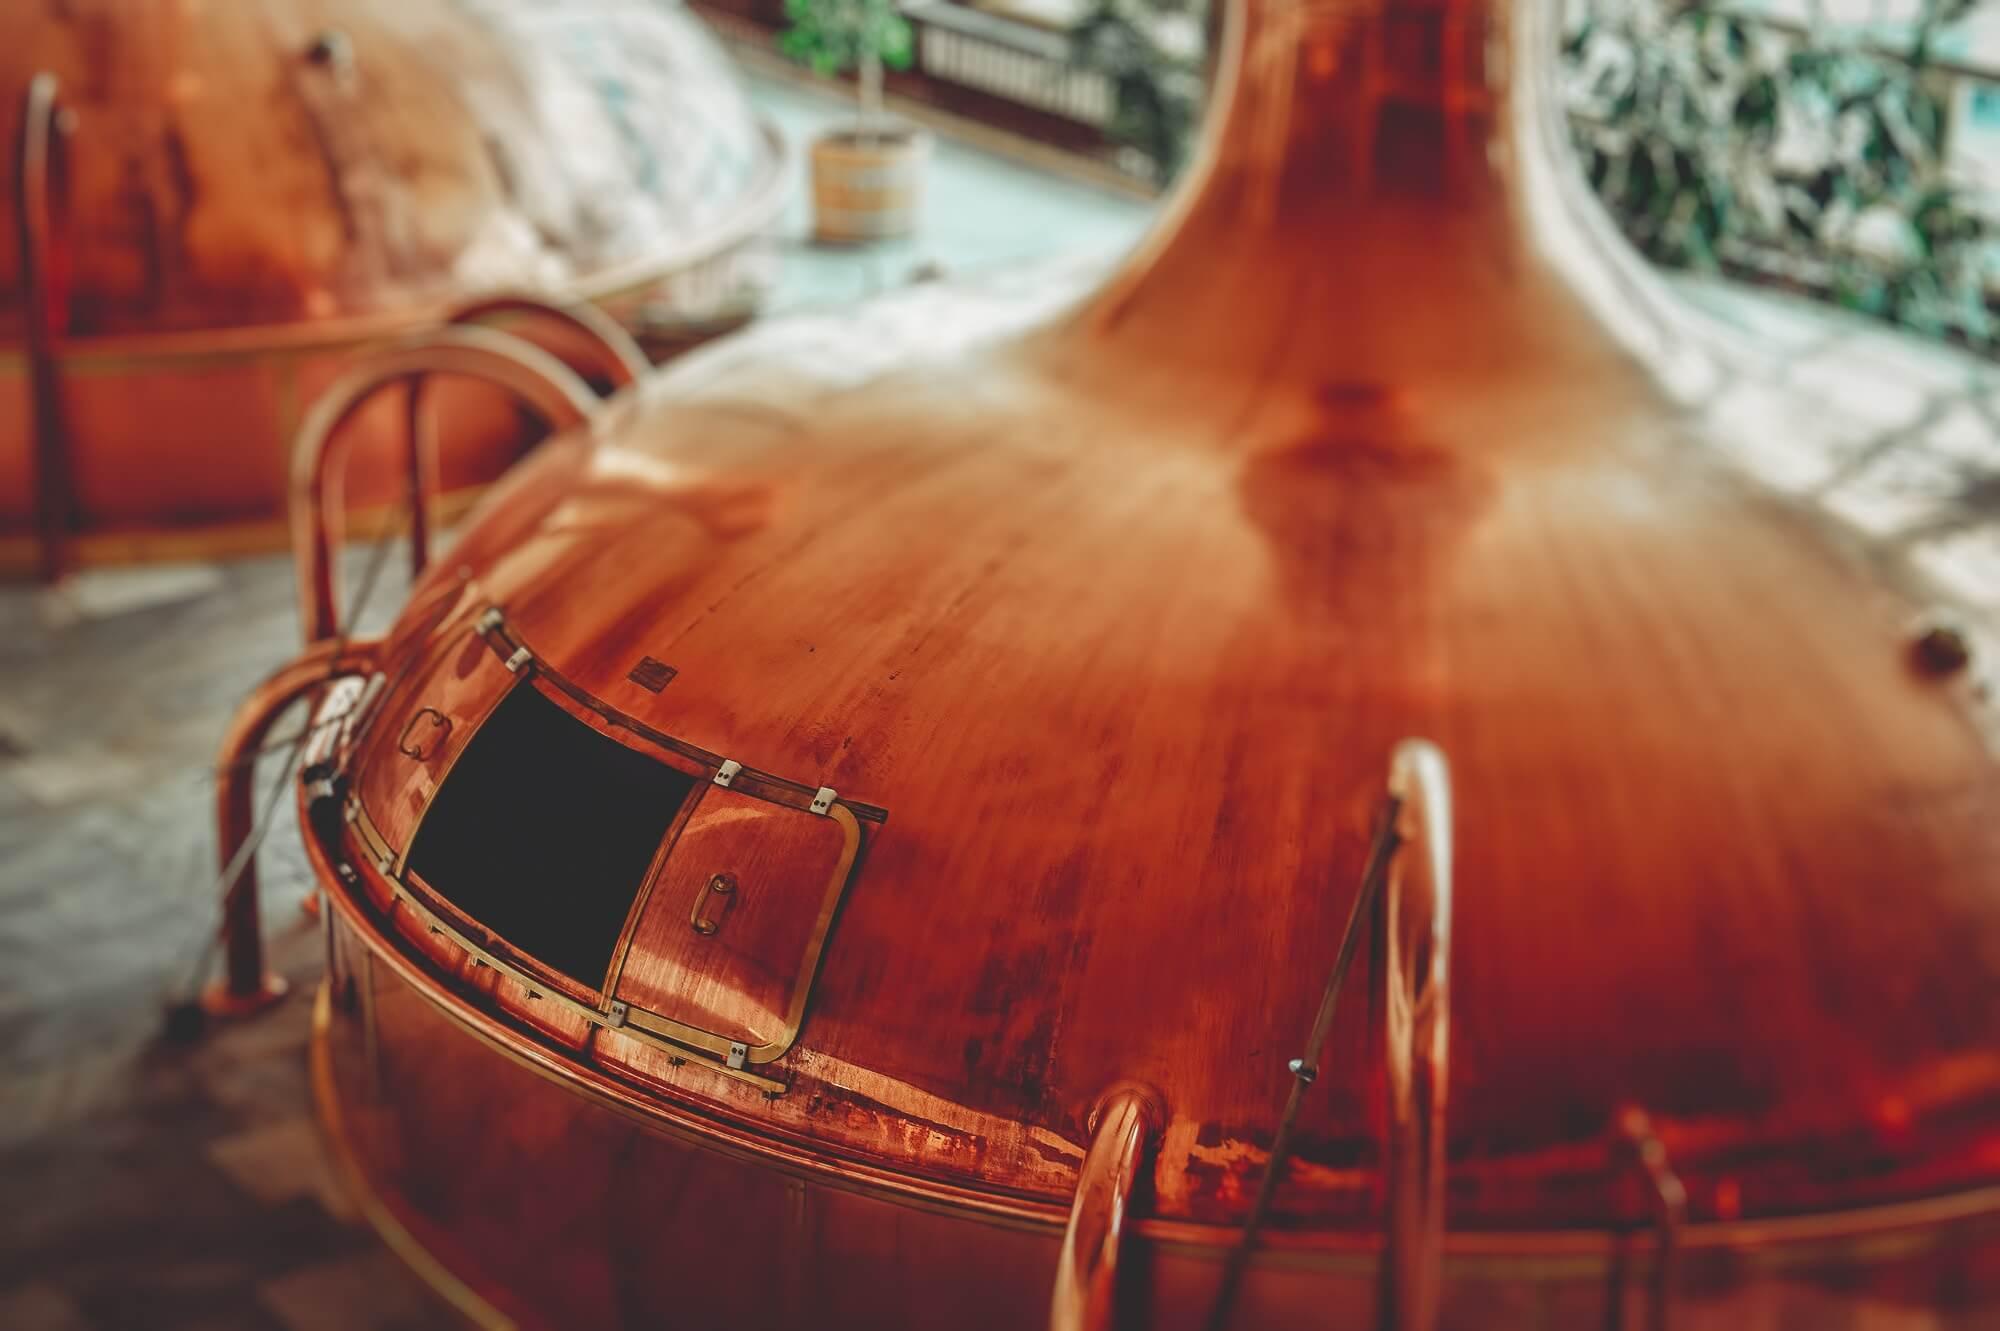 Traditional distillery bottle labels design